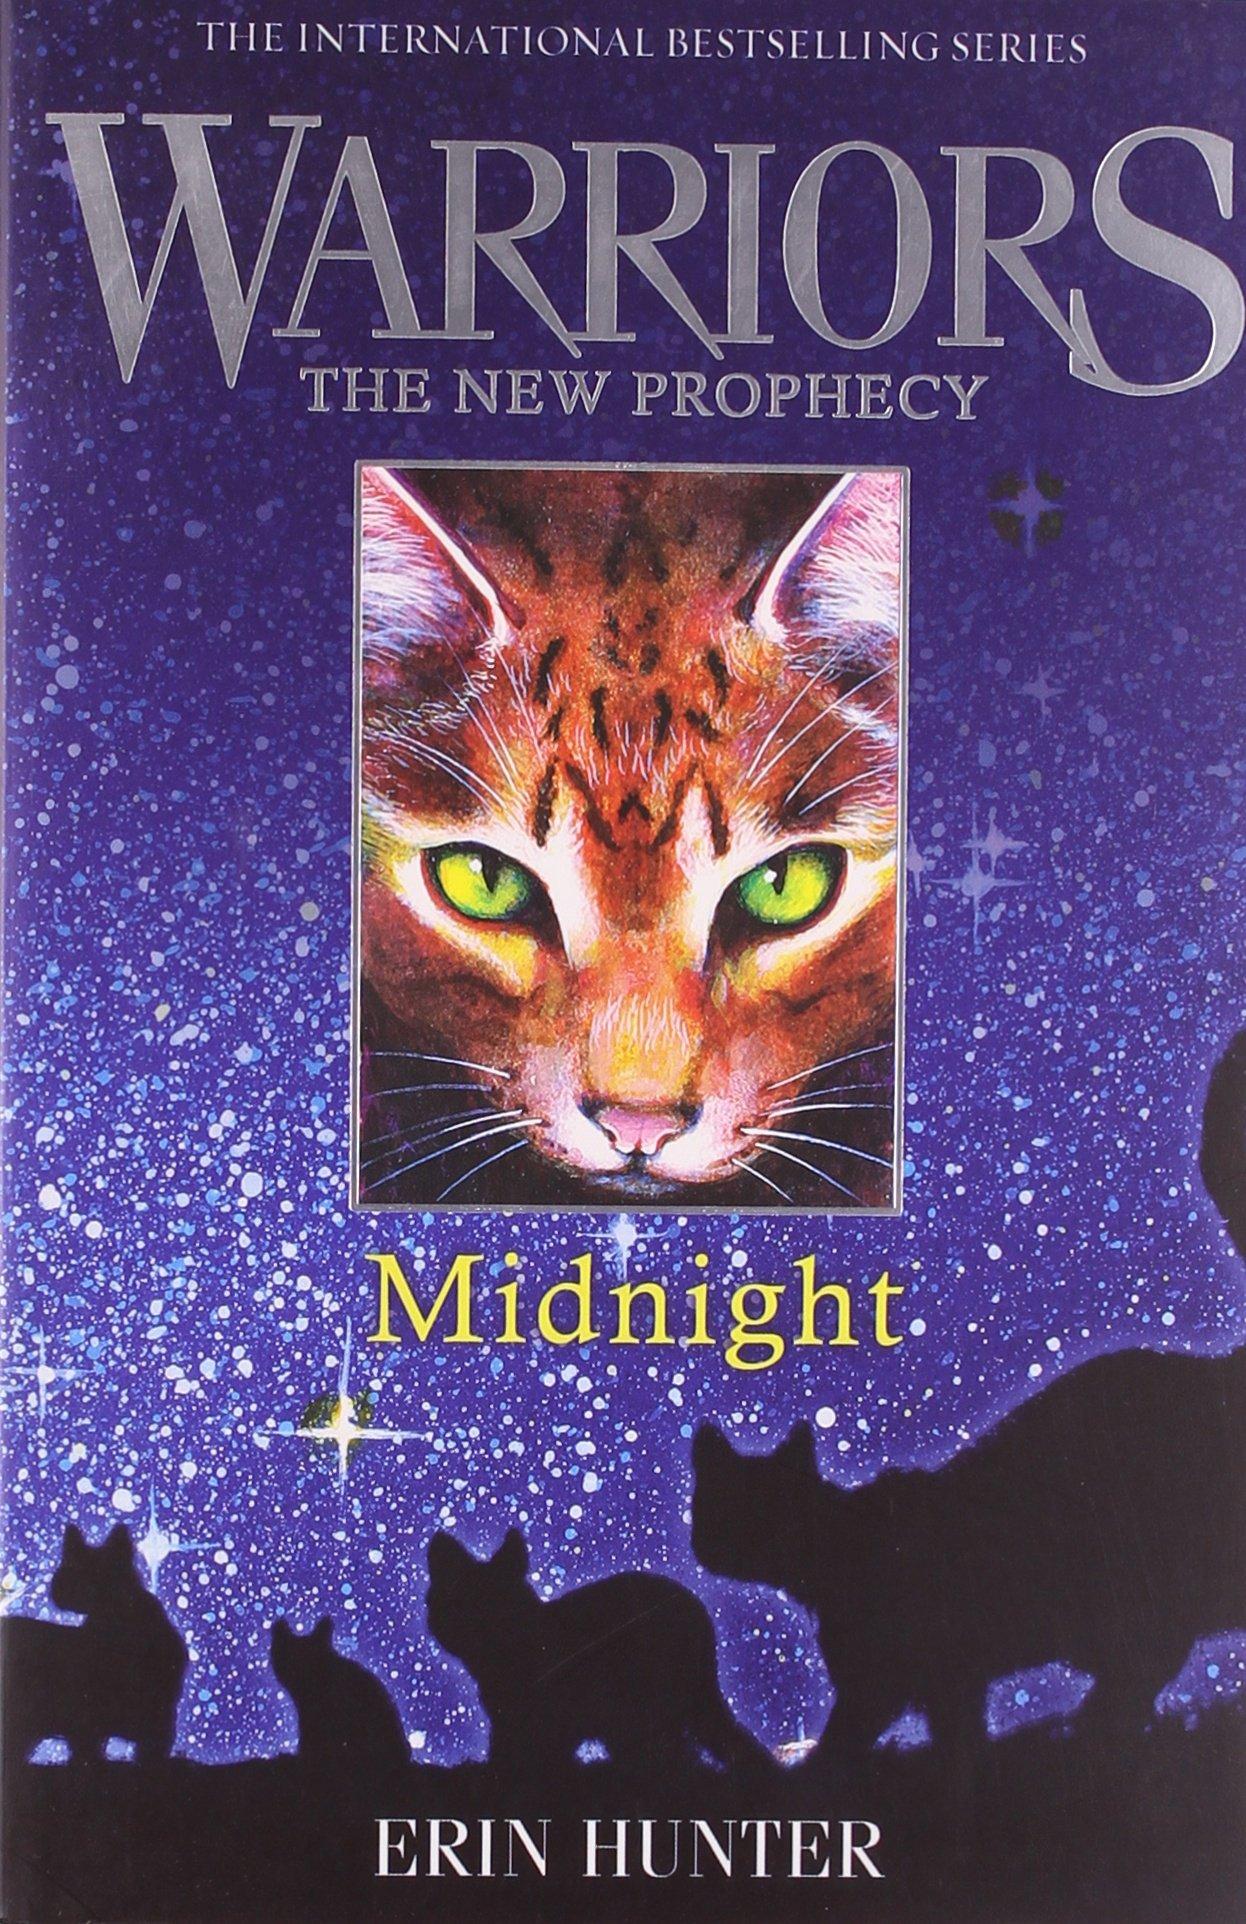 Download Midnight PDF ePub book